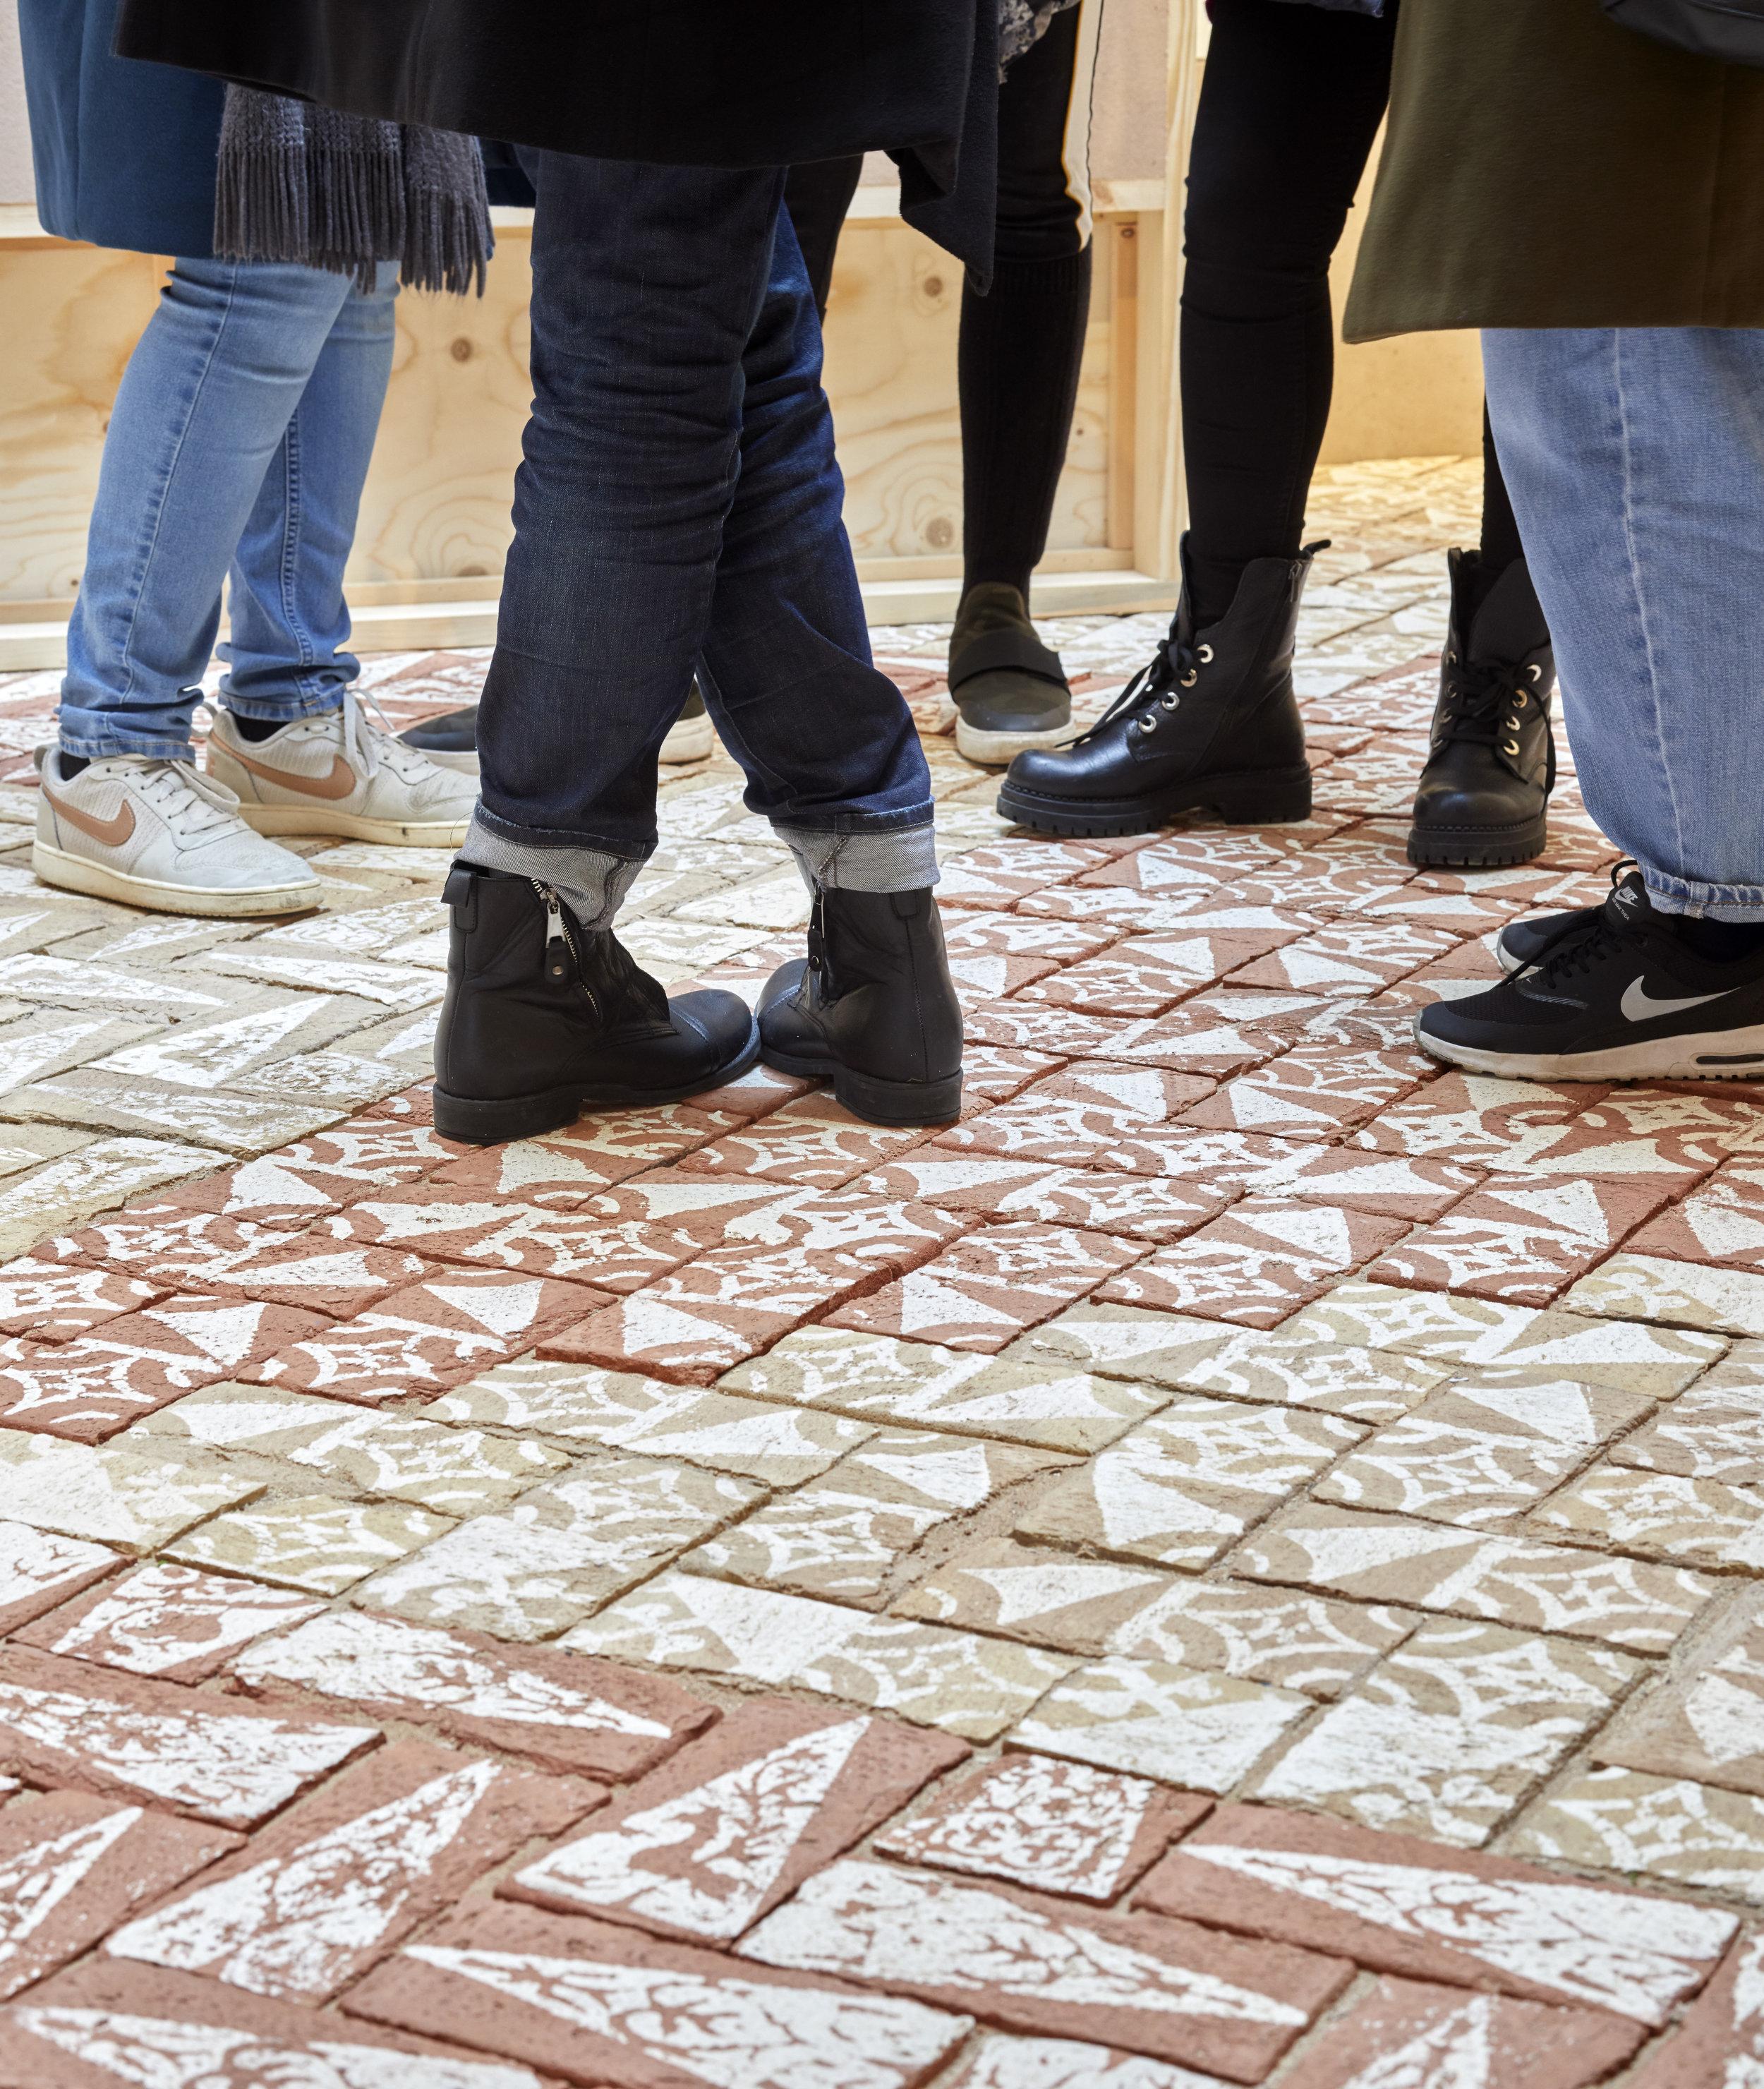 installation at RIBA 2019 recreating the Road brick surface, photo by Edmund Sumner